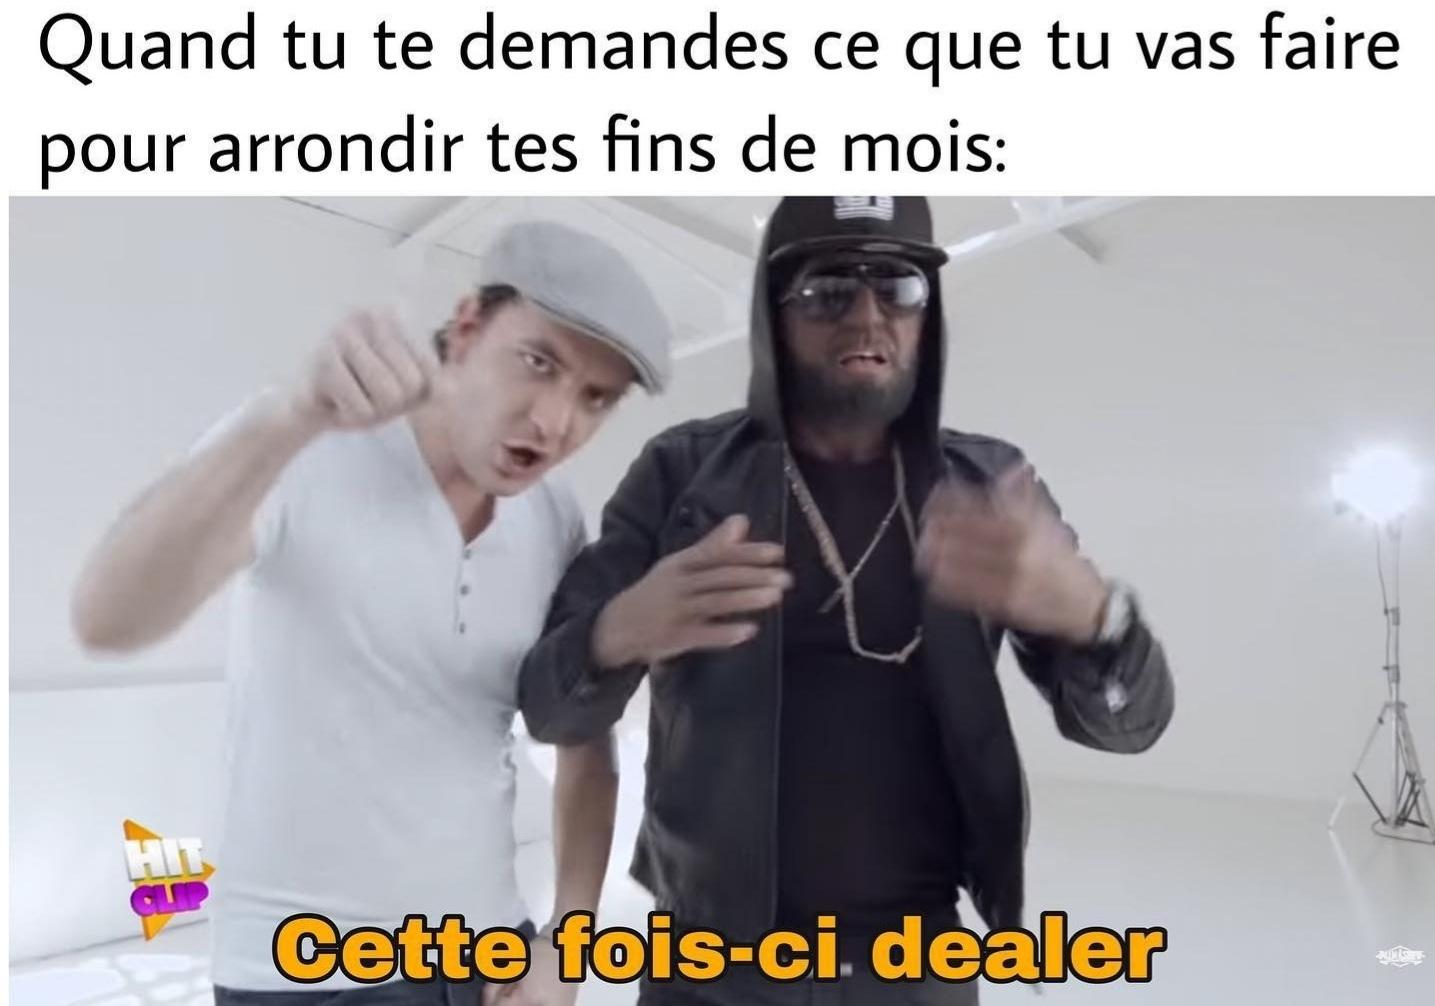 Quand on vend de la drogue, on devient dealer - meme